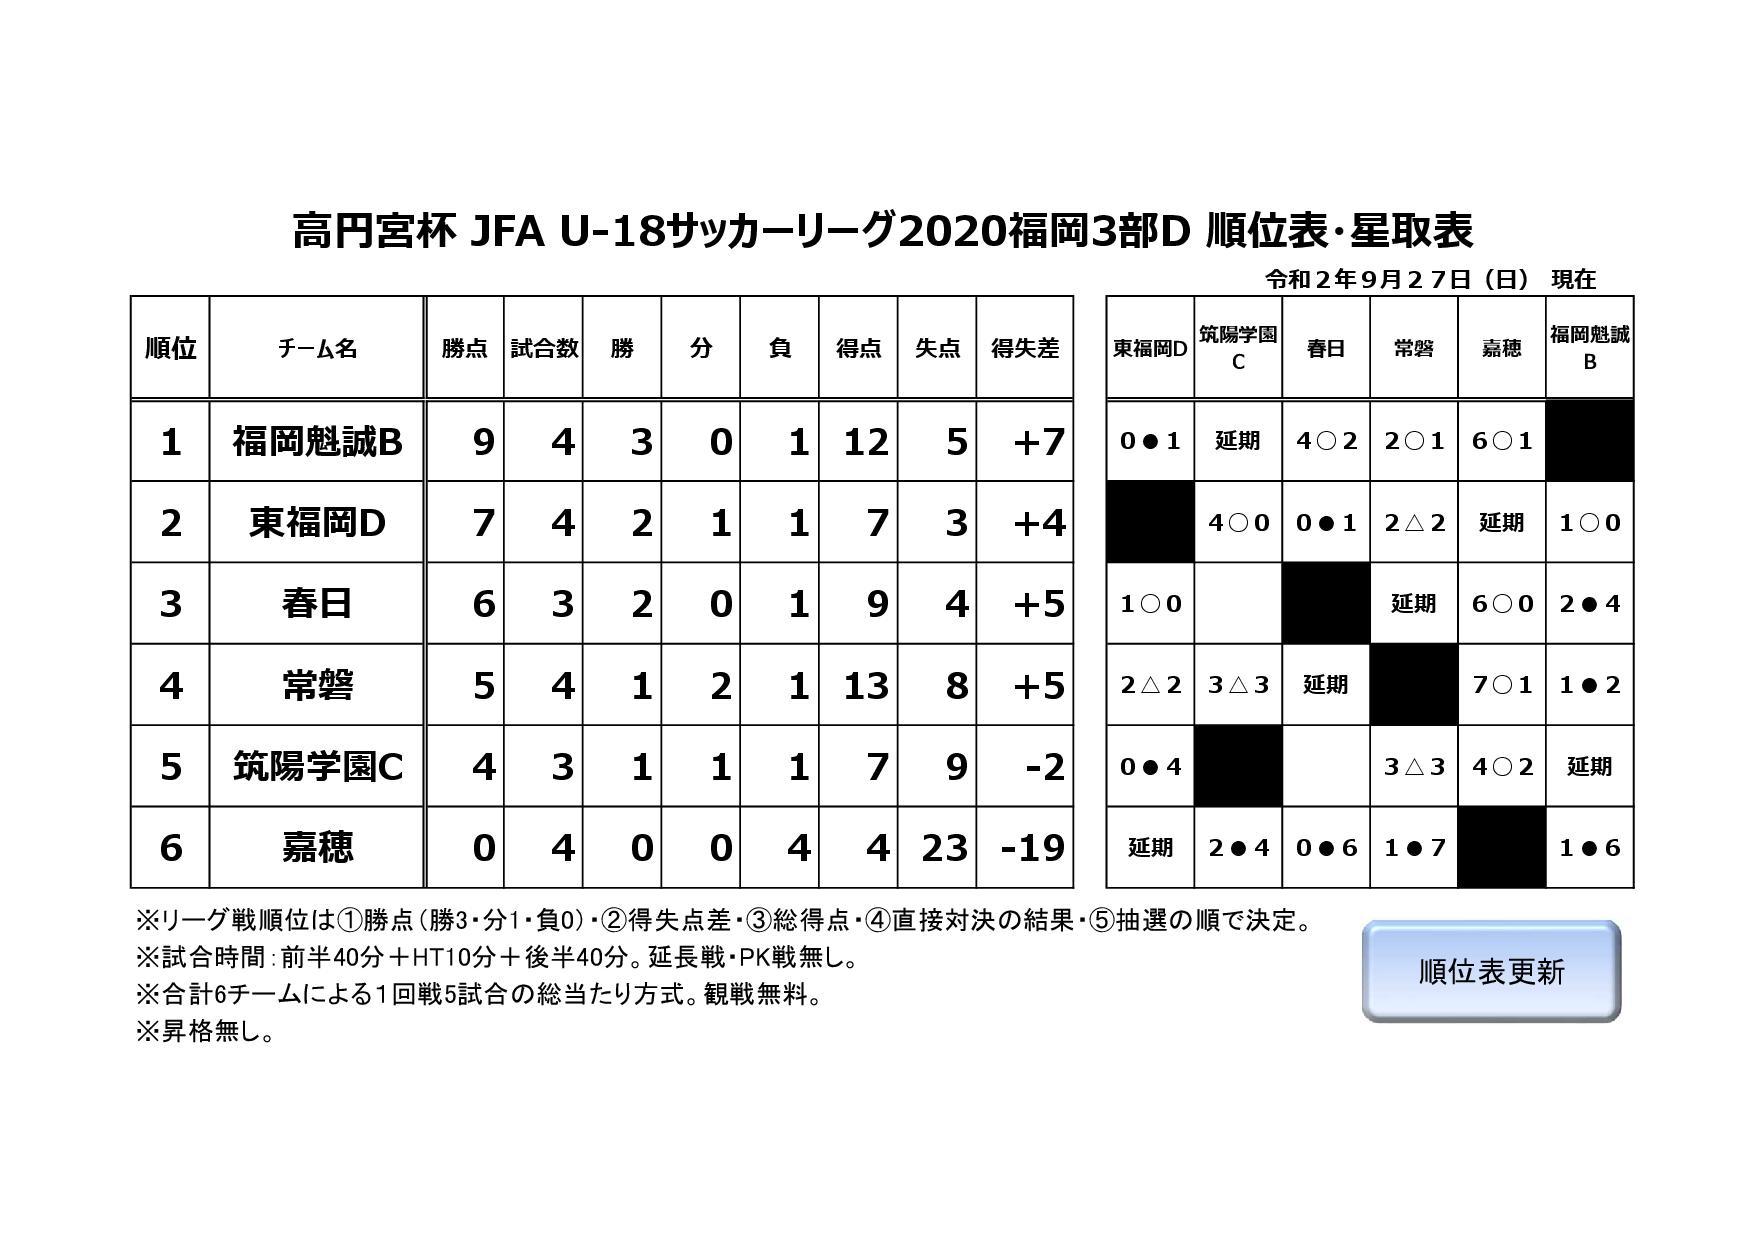 高円宮杯 JFA U-18サッカーリーグ2020福岡3部D